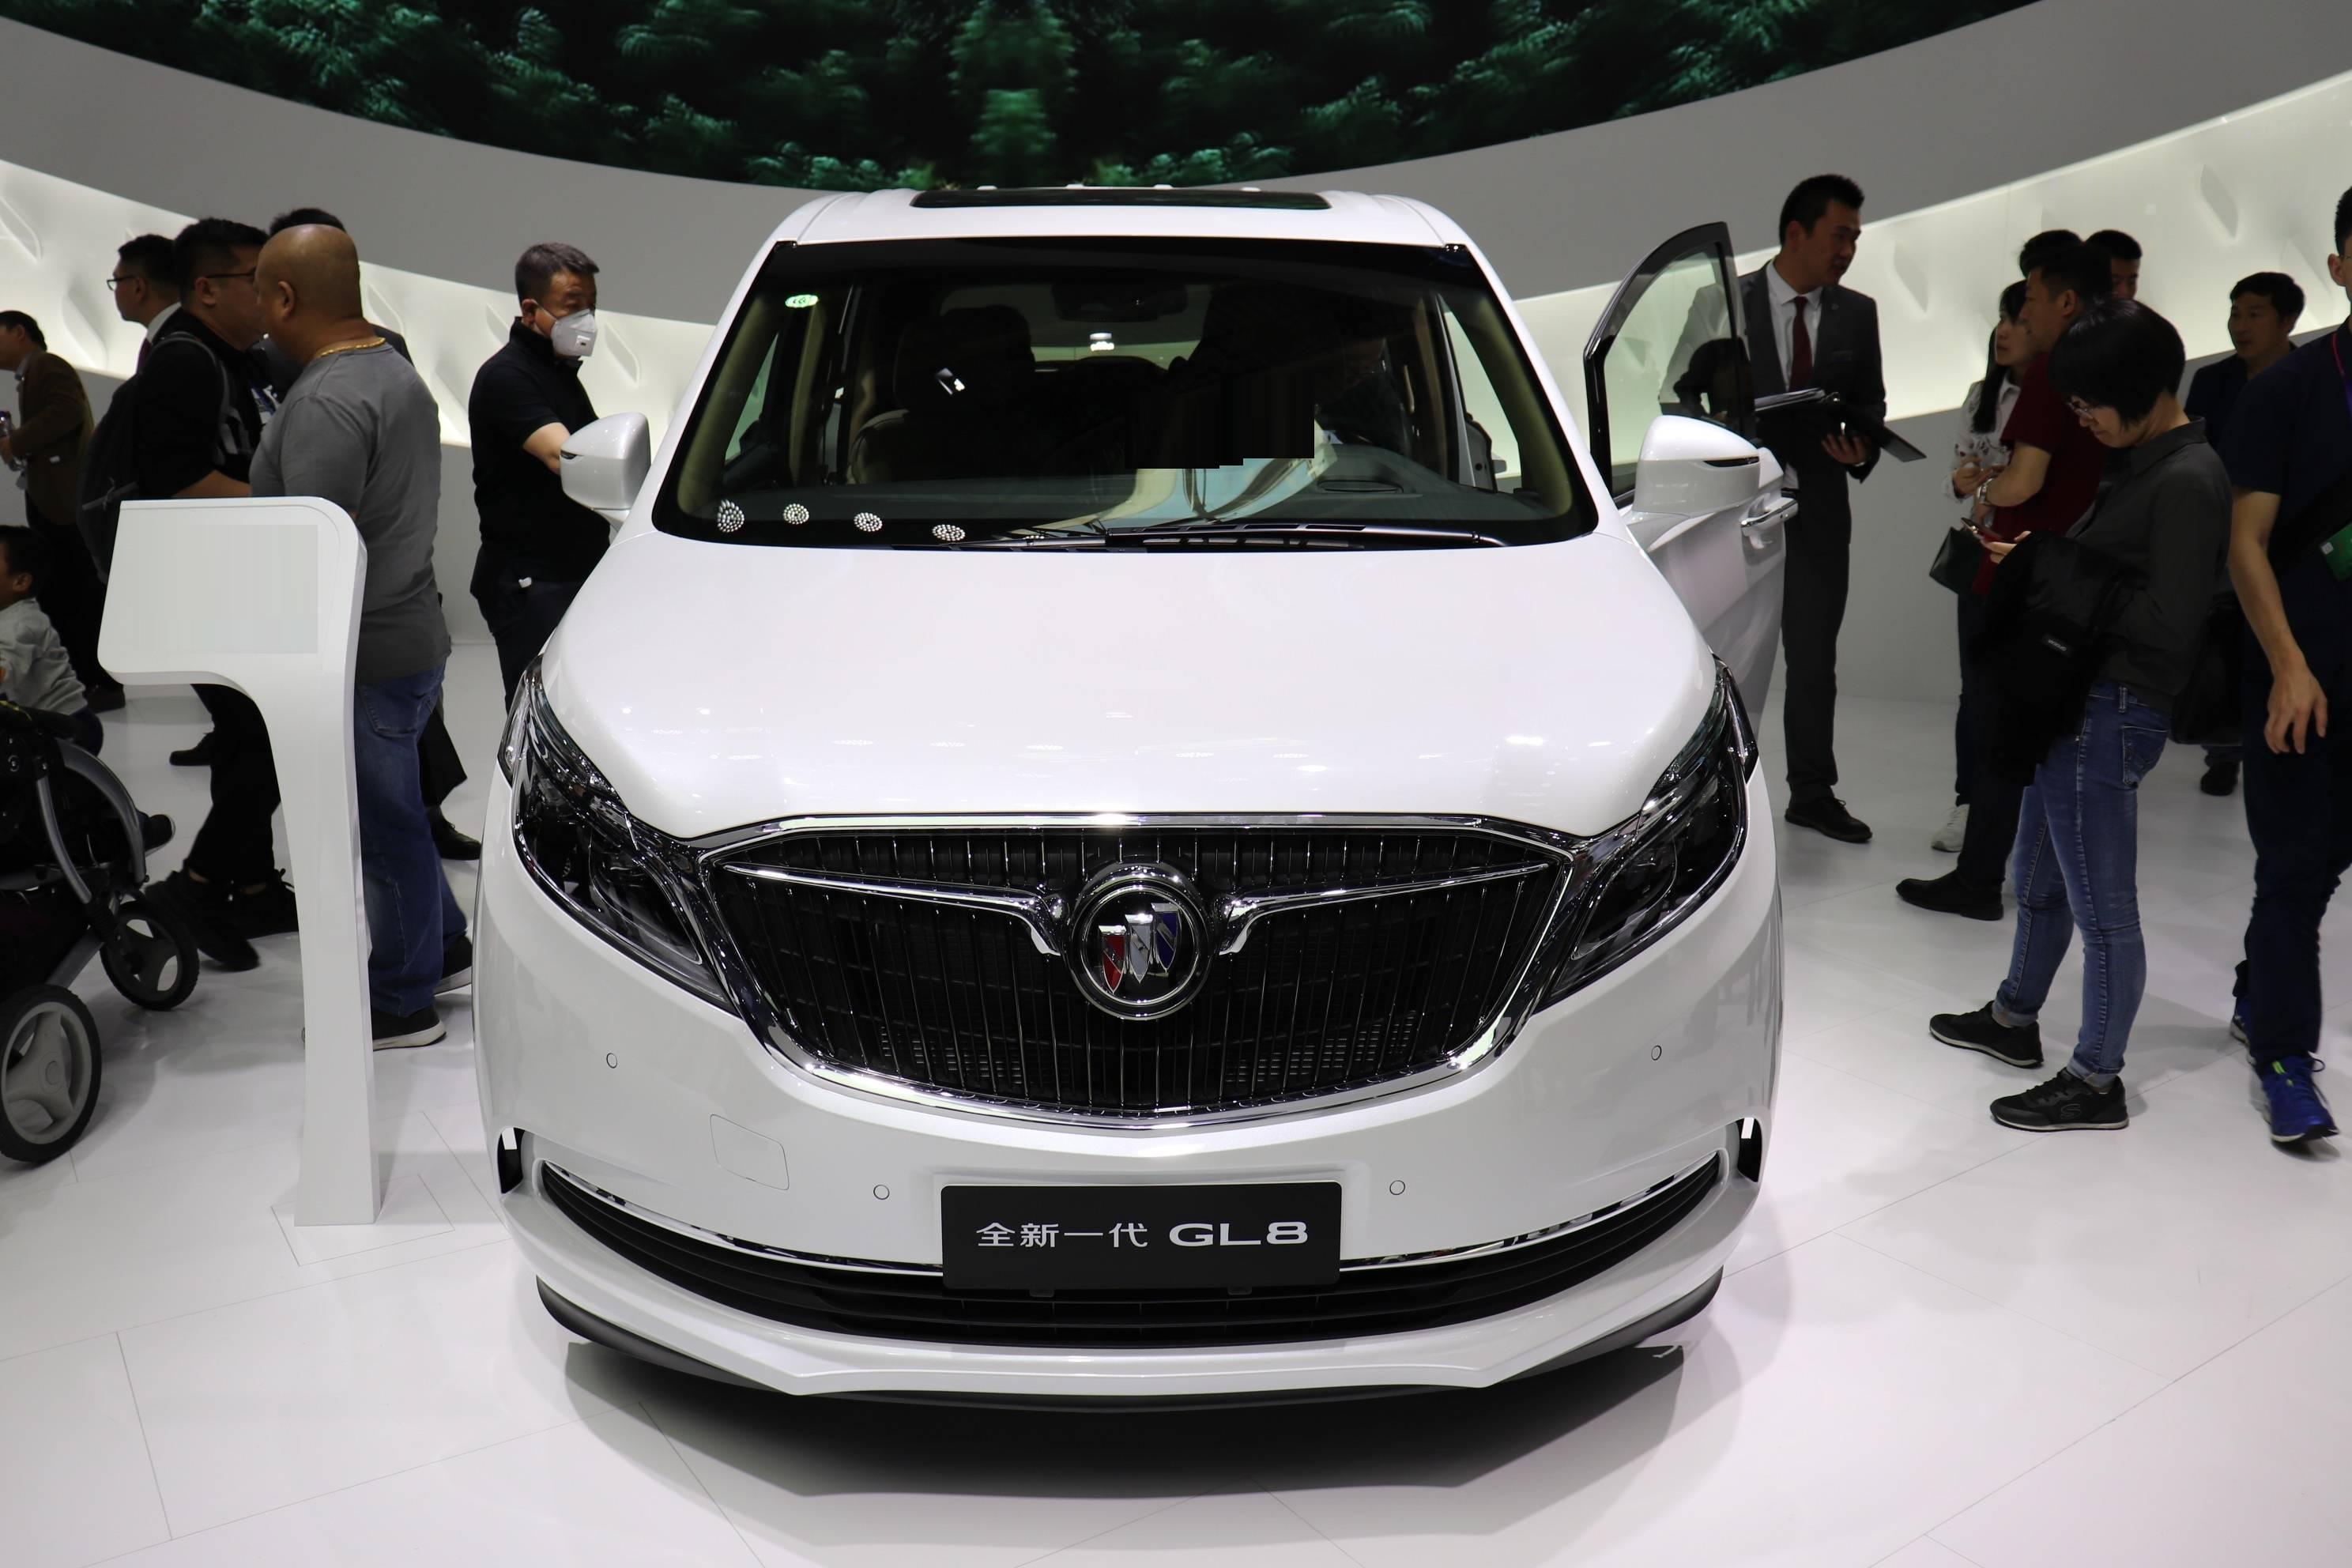 原厂新款GL8和奥德赛油耗差不多?这款奥德赛混合版即将面世